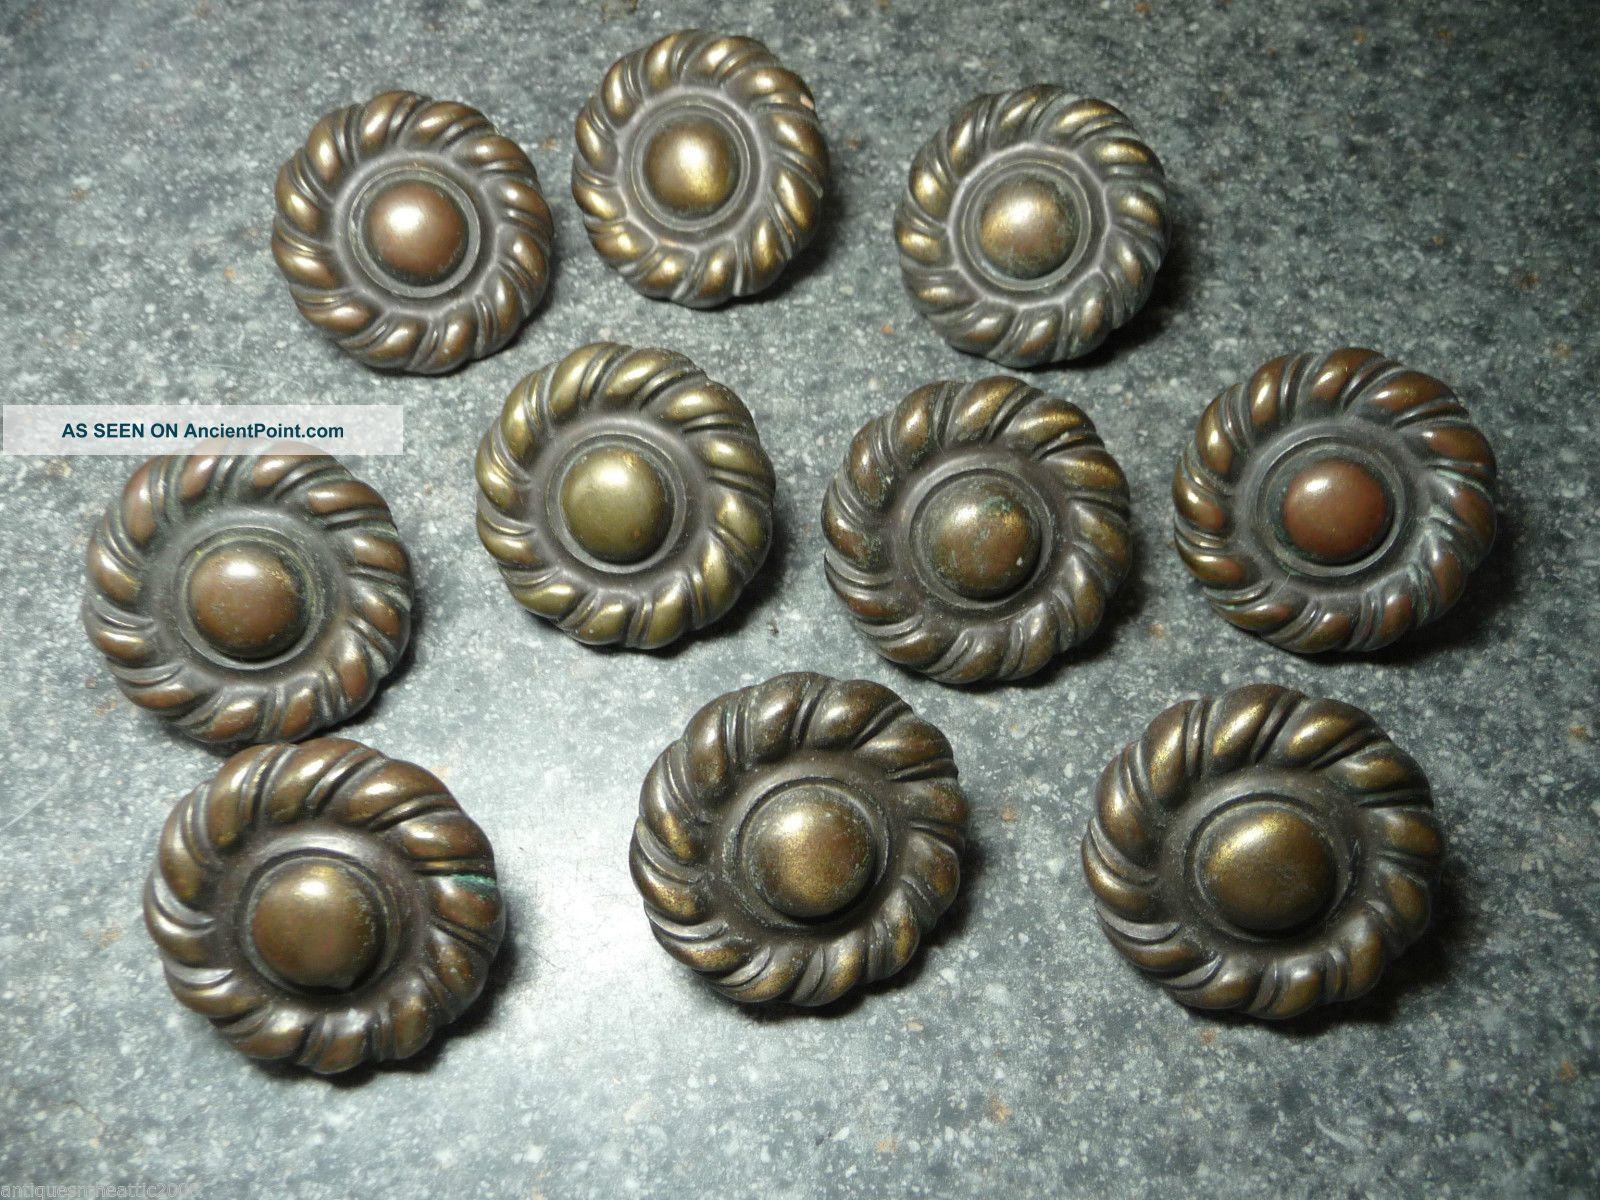 Antique Door Handle BB Rosettes Door Knobs Brass Nickel Knob Set R1NM